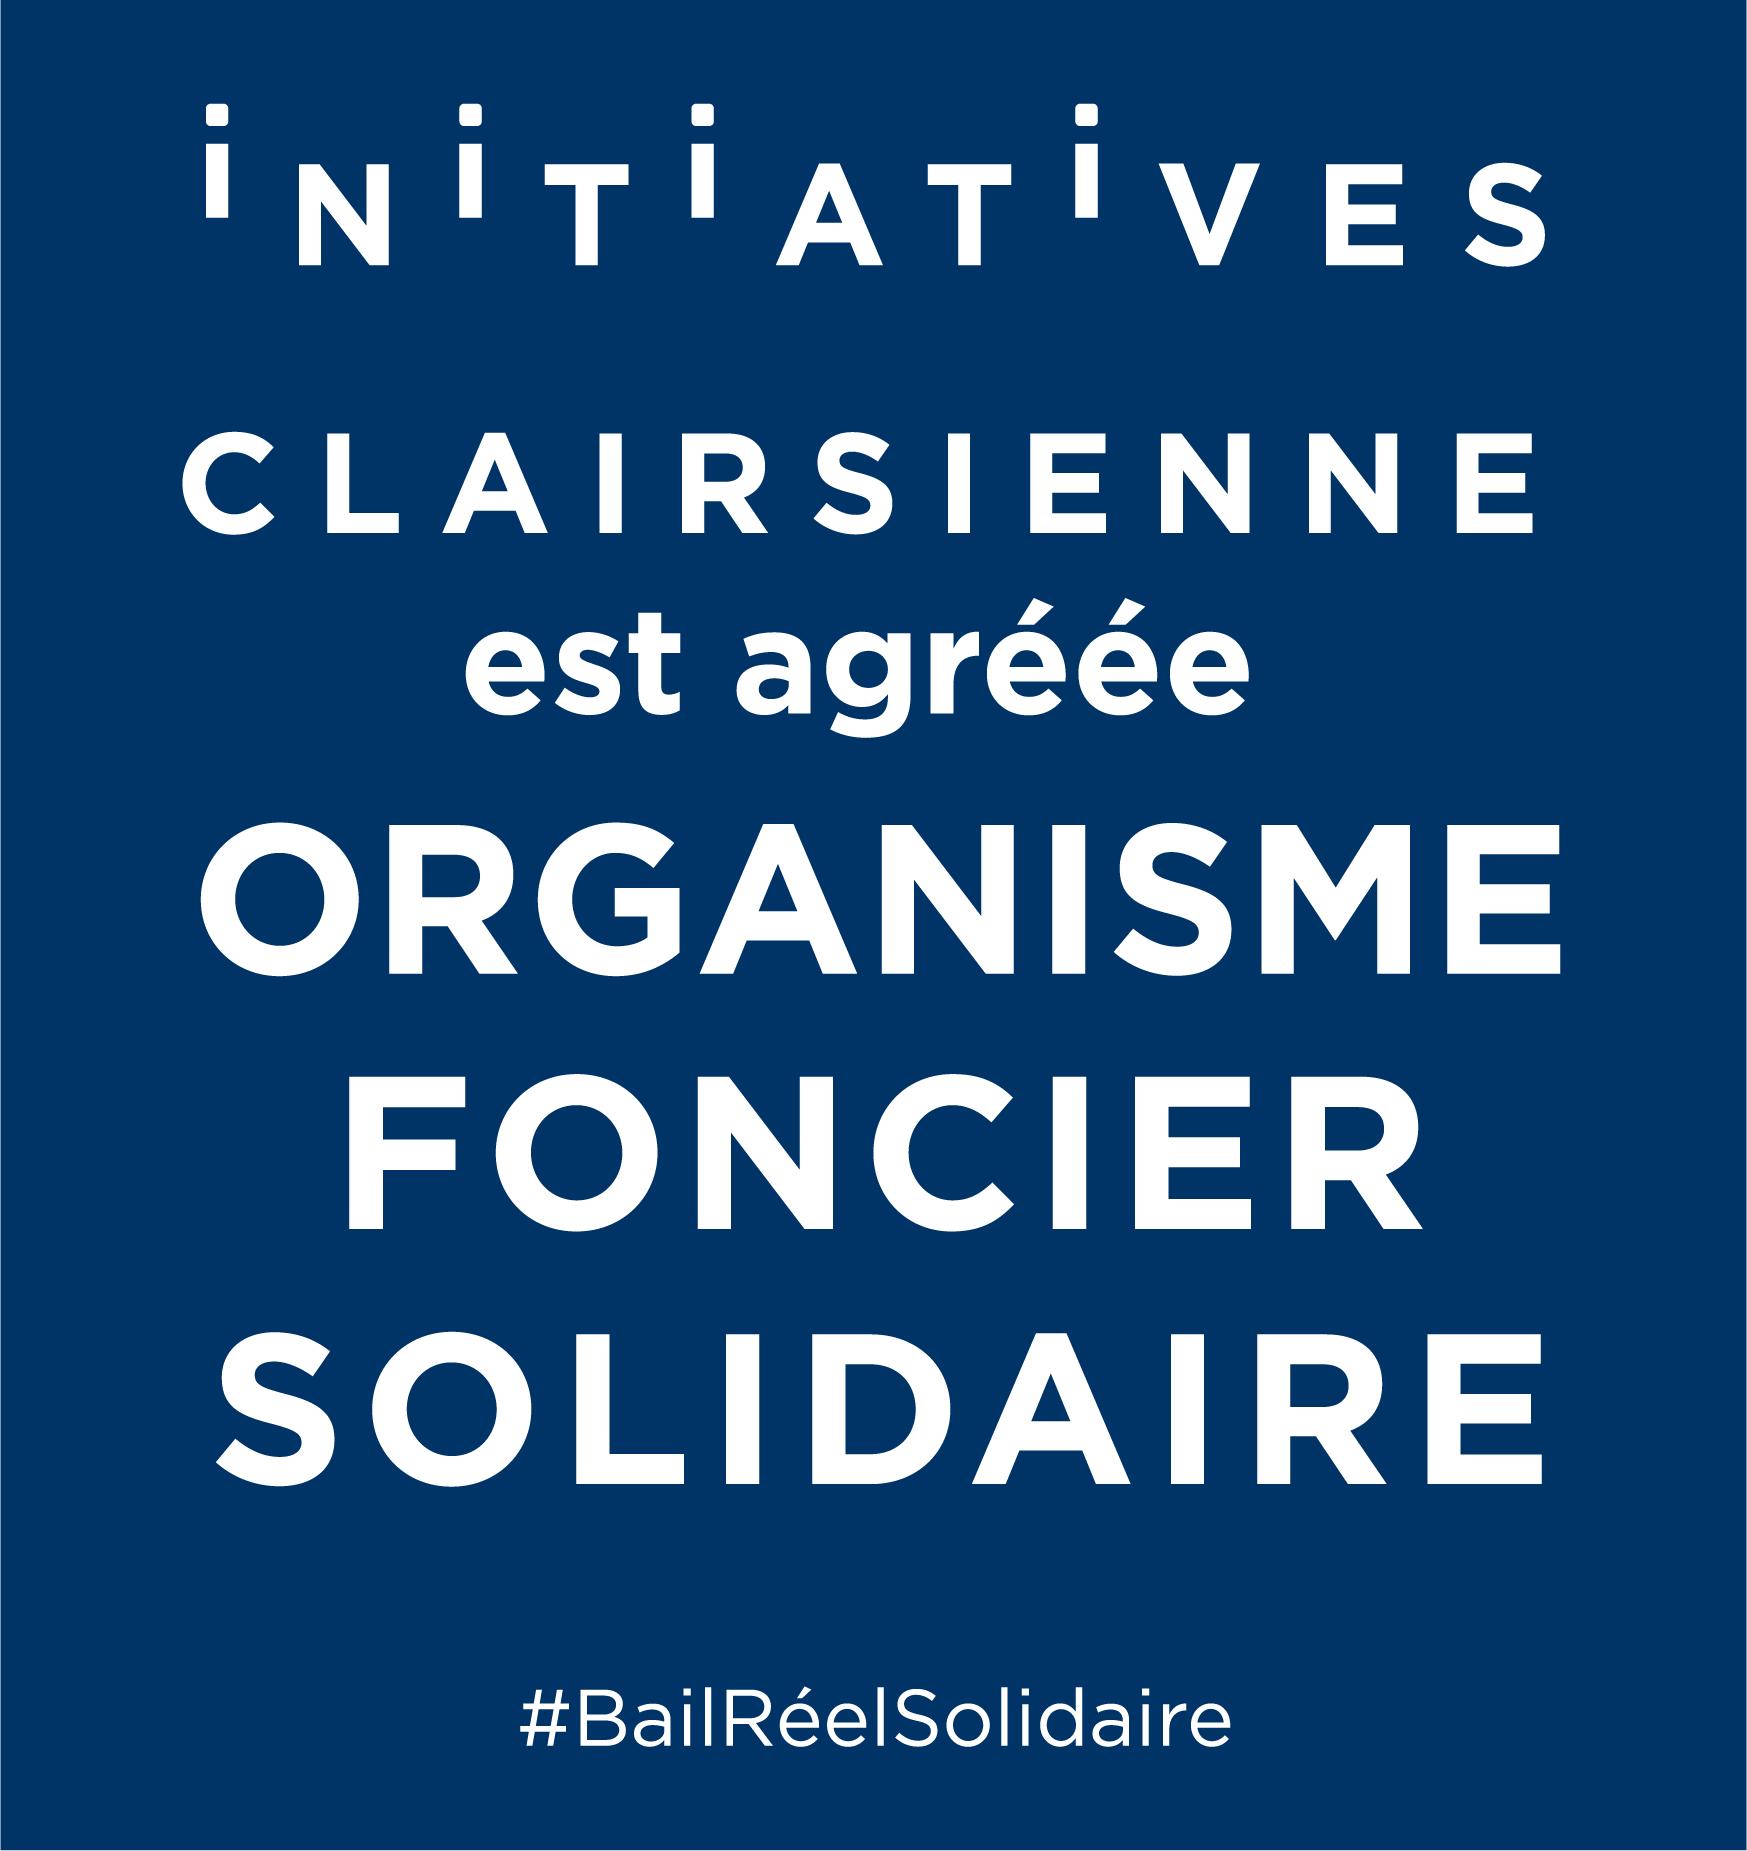 Clairsienne est agréée Organisme Foncier Solidaire (Bail Réel Solidaire)